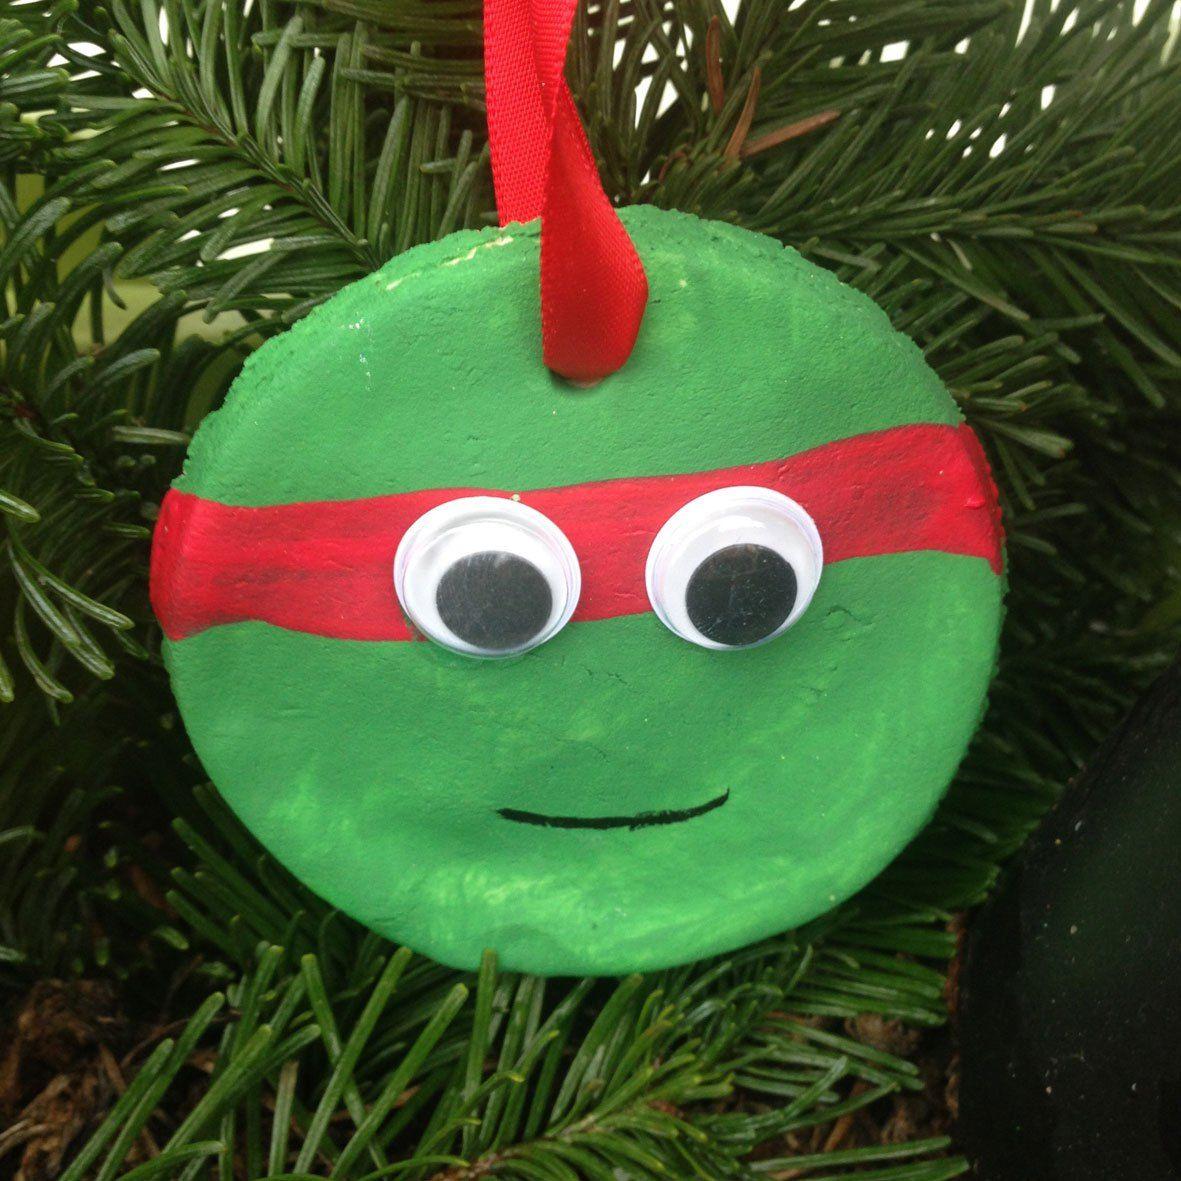 Heute möchte ich euch zeigen, wie ihr aus Salzteig (oder Stärke + Natron) tolle Weihnachtsdeko selber herstellen könnt! :-) Schaut doch mal auf dem Blog vorbei!